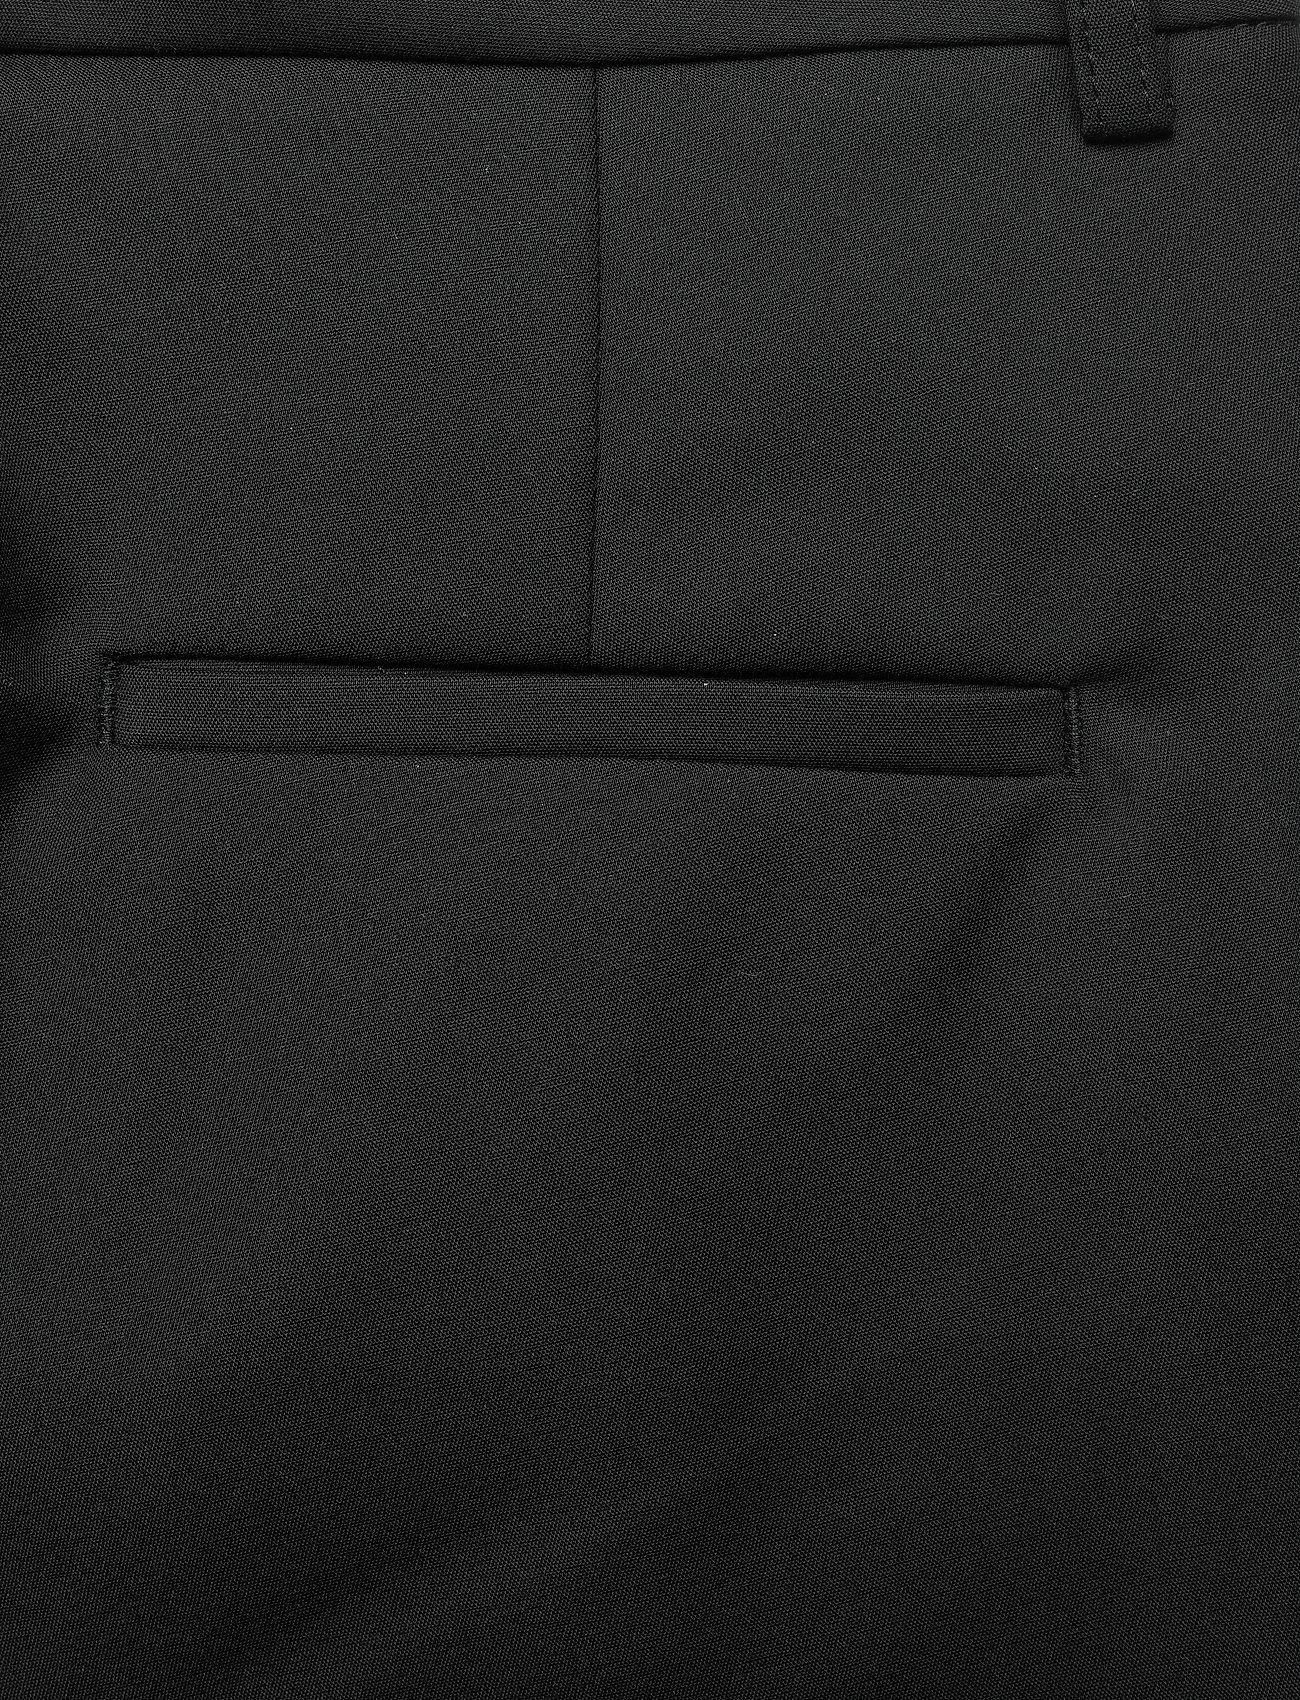 Filippa K Millie Trouser - Spodnie BLACK - Kobiety Odzież.